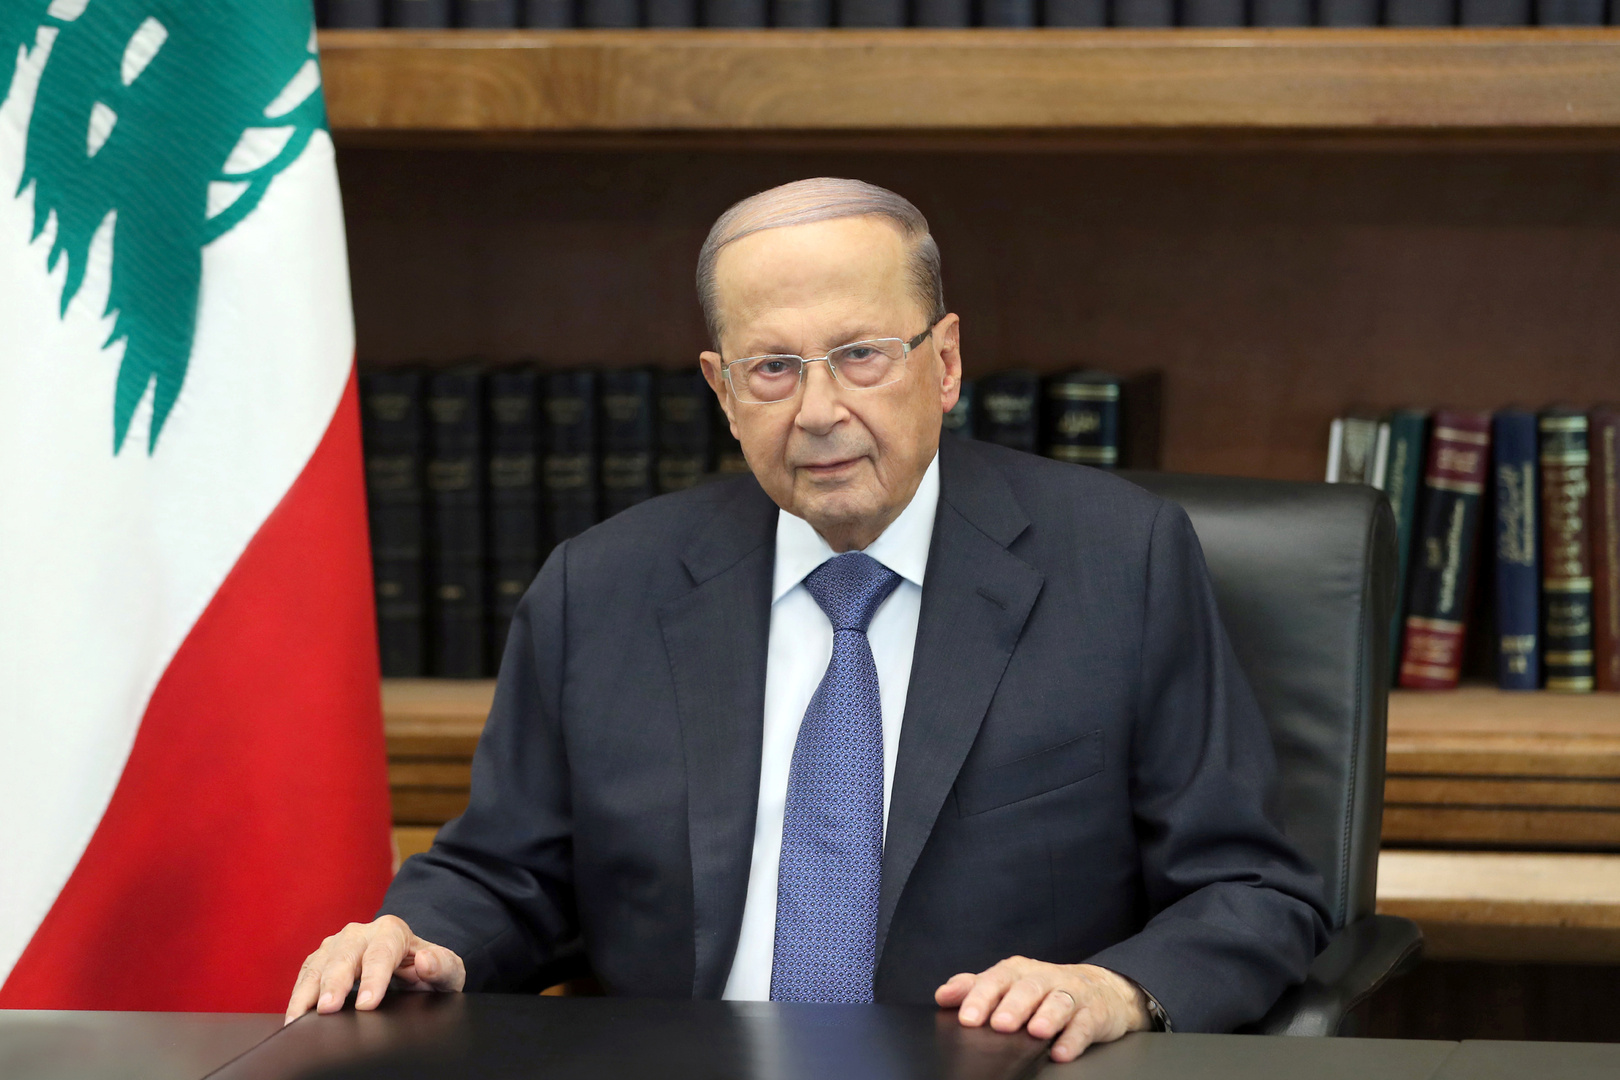 ميشال عون: الثقة مفقودة بين الشعب اللبناني والحكومة لذلك لا بد من حكومة جديدة